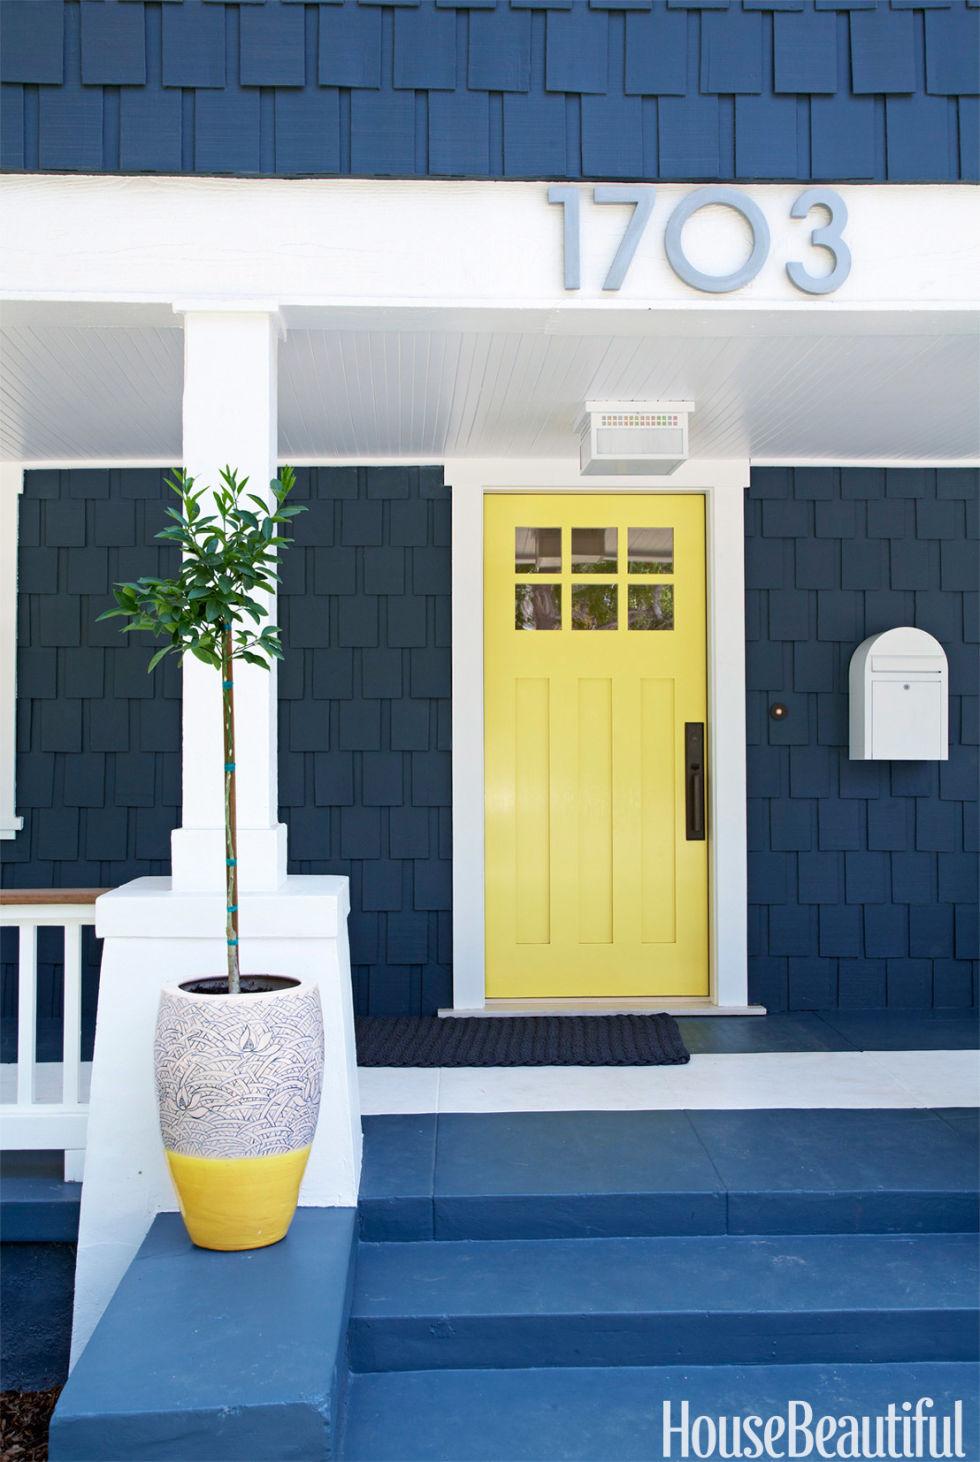 Tremendous 25 Best Paint Colors Ideas For Choosing Home Paint Color Largest Home Design Picture Inspirations Pitcheantrous